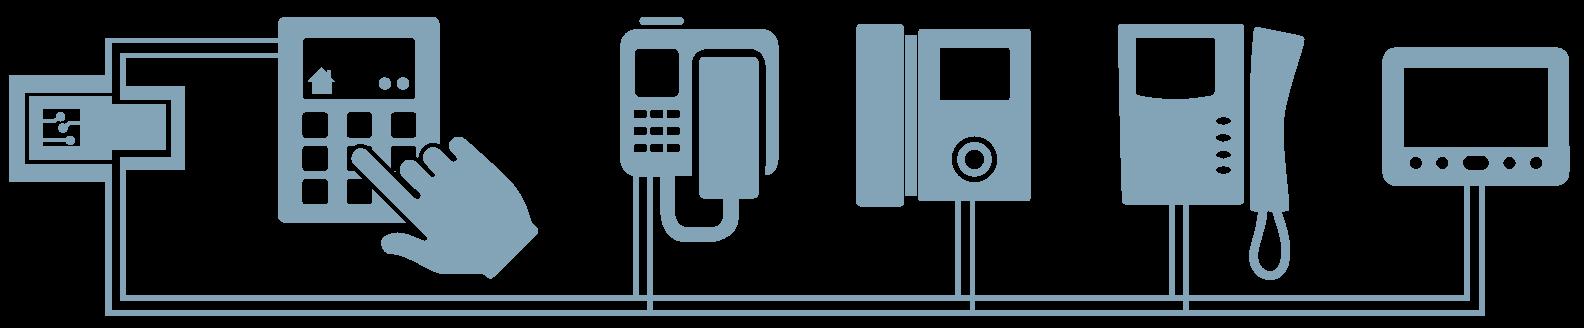 Схема подключения домофонов